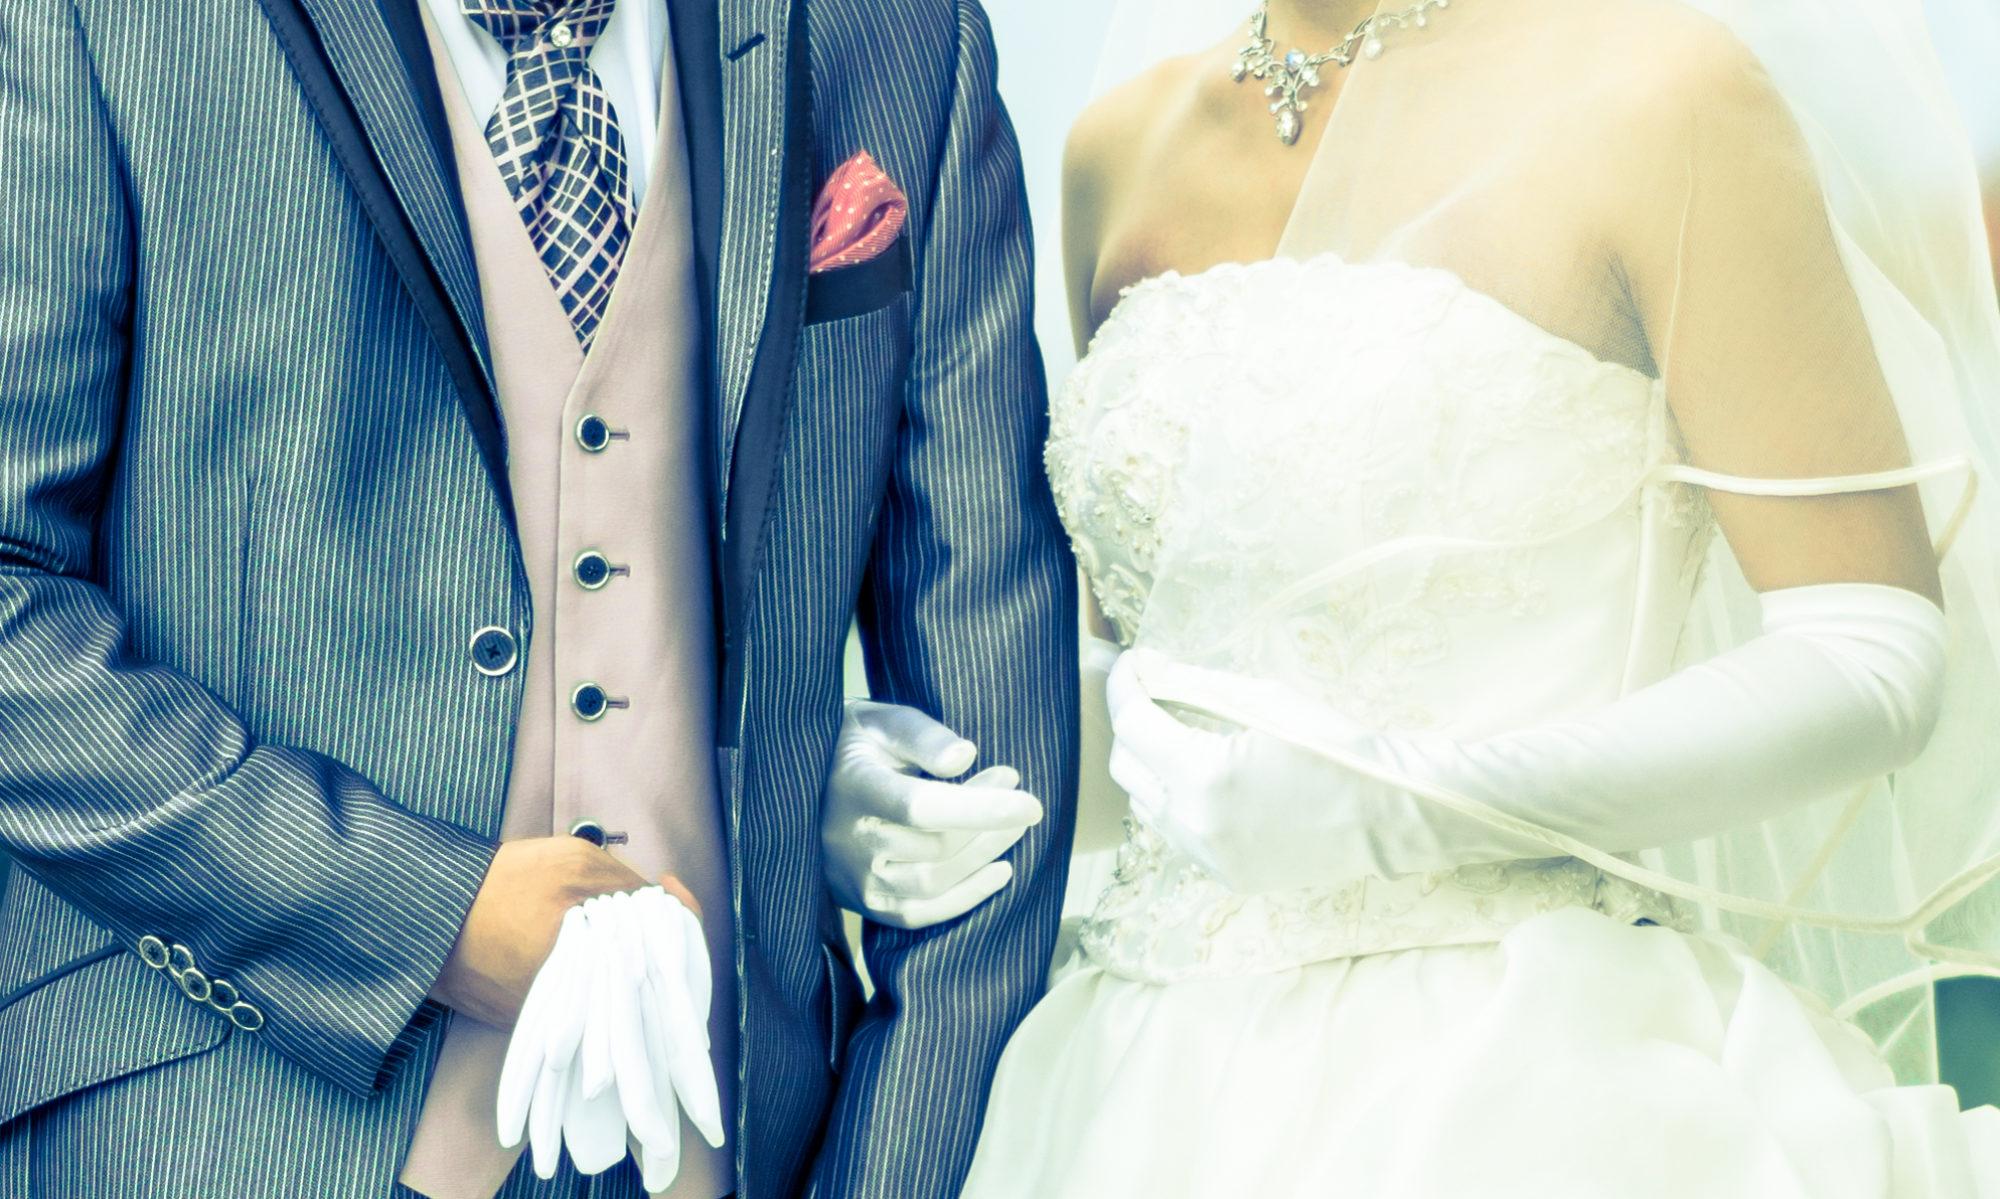 結婚指輪も?手作りで実現できるウェディング